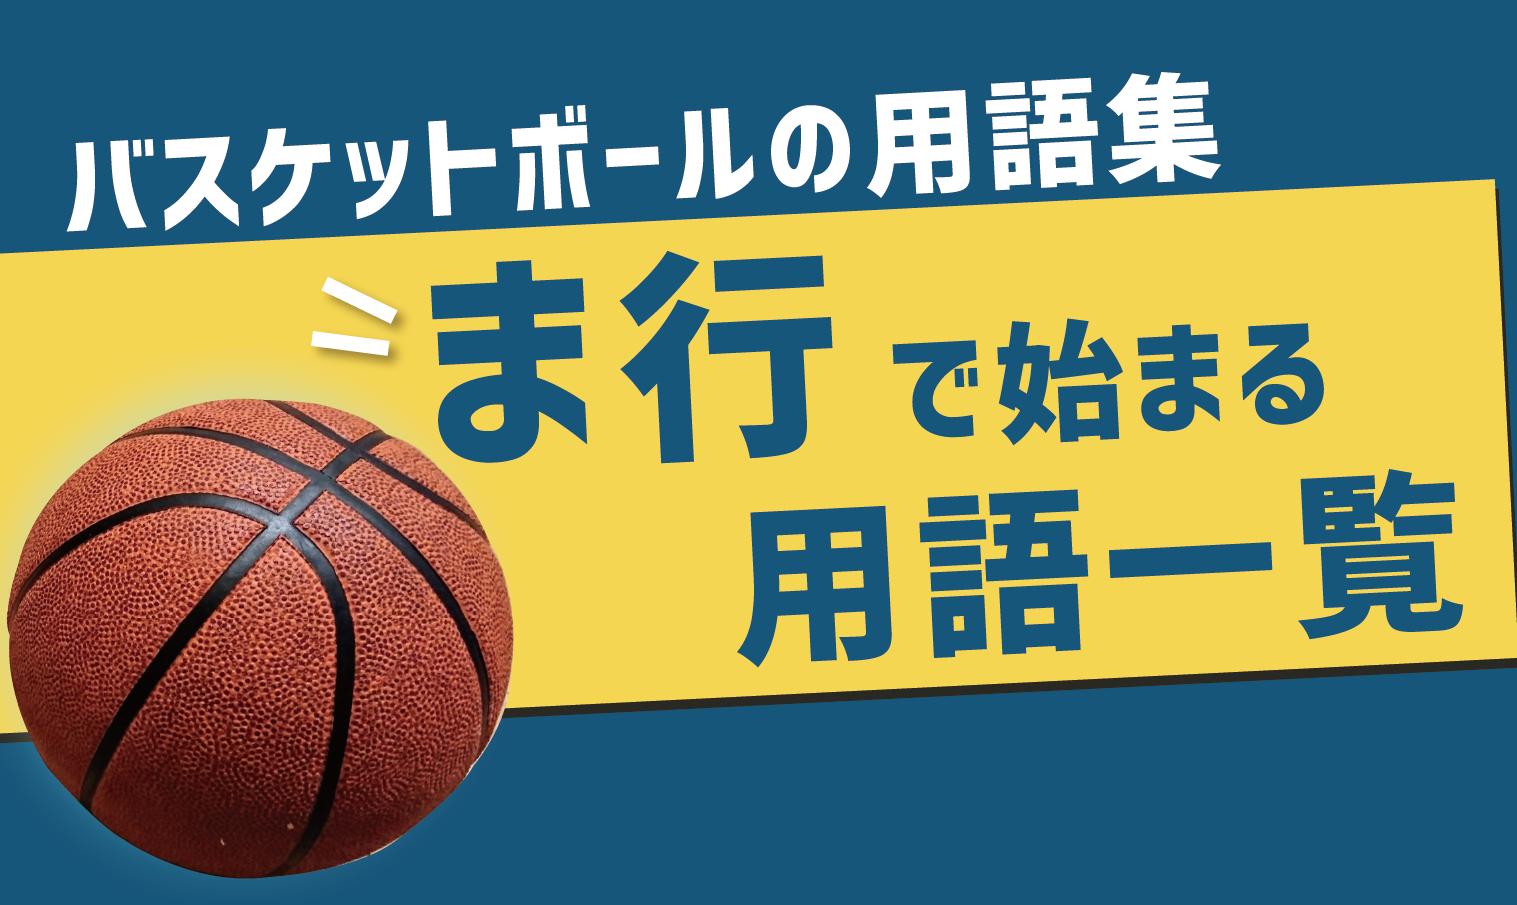 バスケットボールの用語集【ま行】で始まる用語一覧